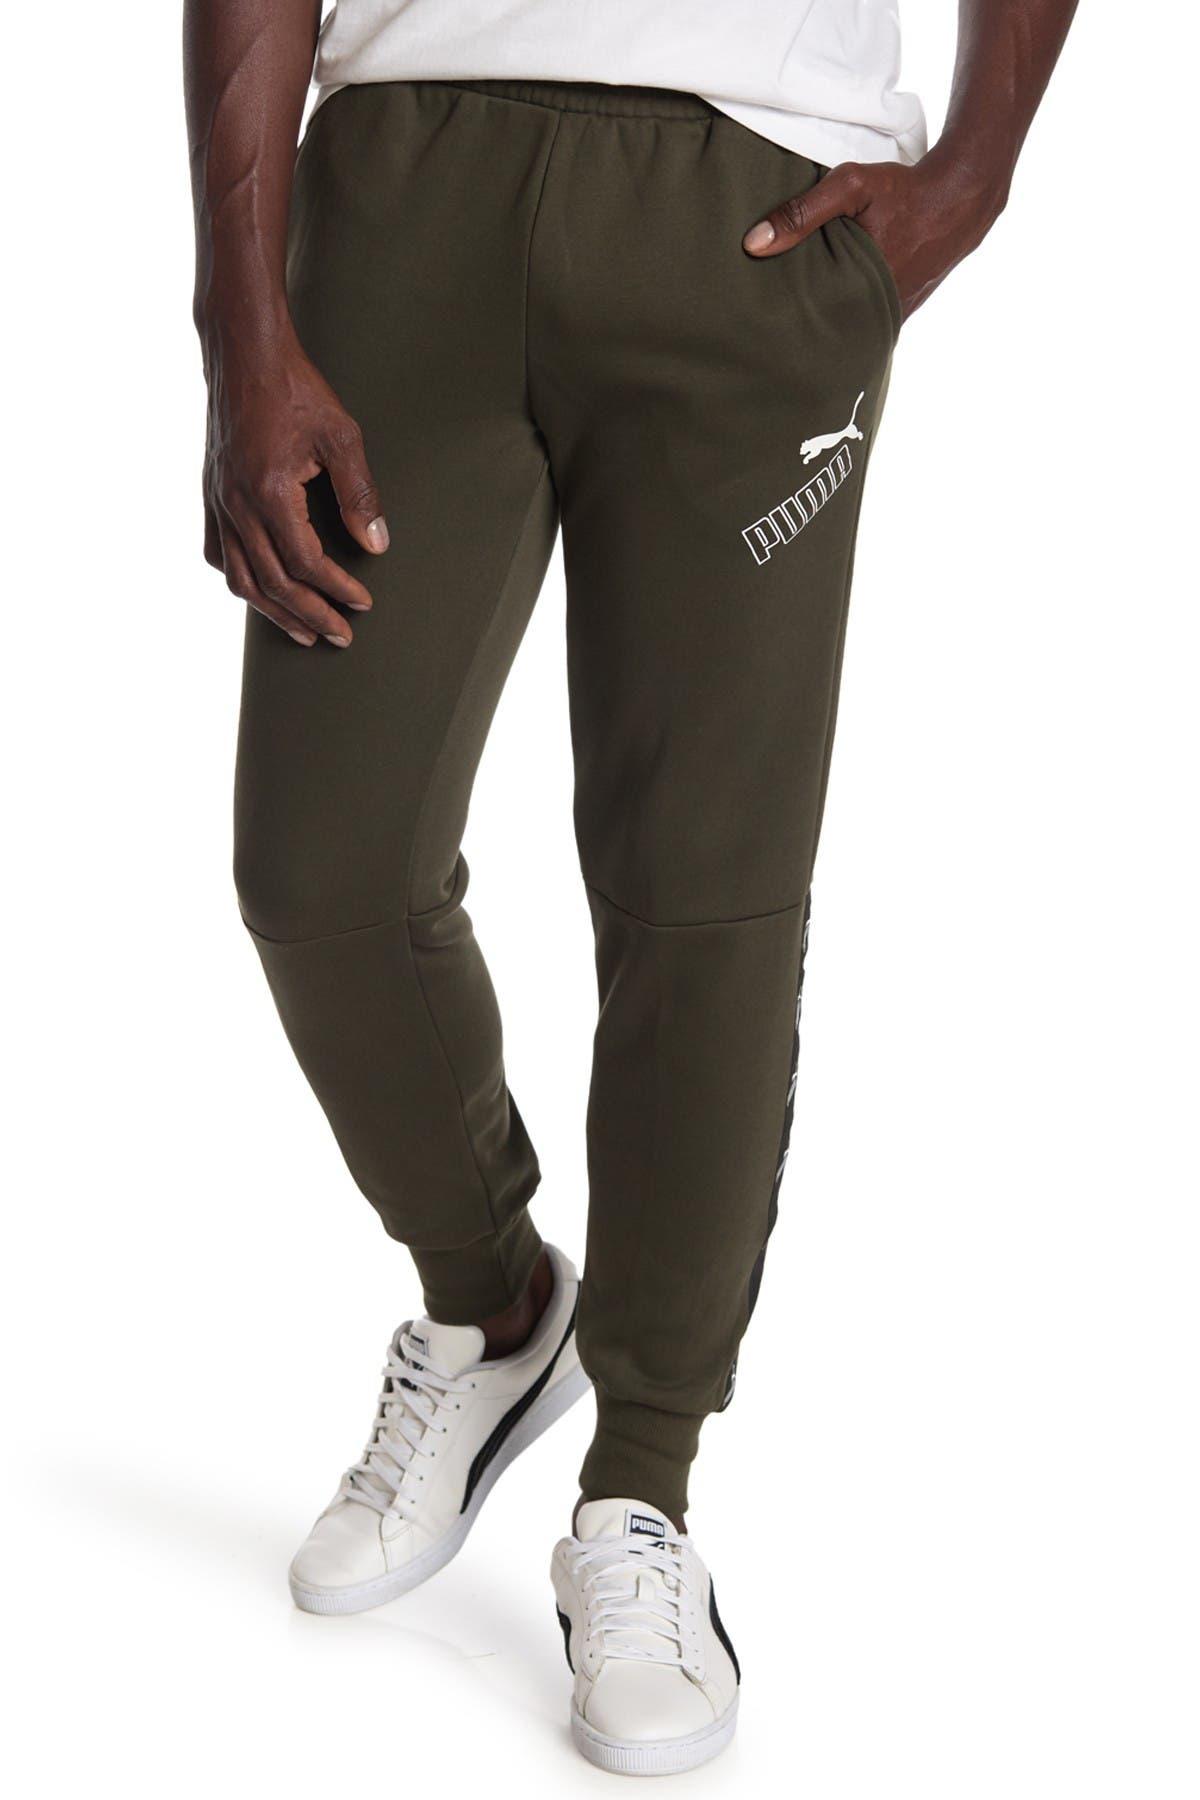 Image of PUMA Amplified Fleece Pants